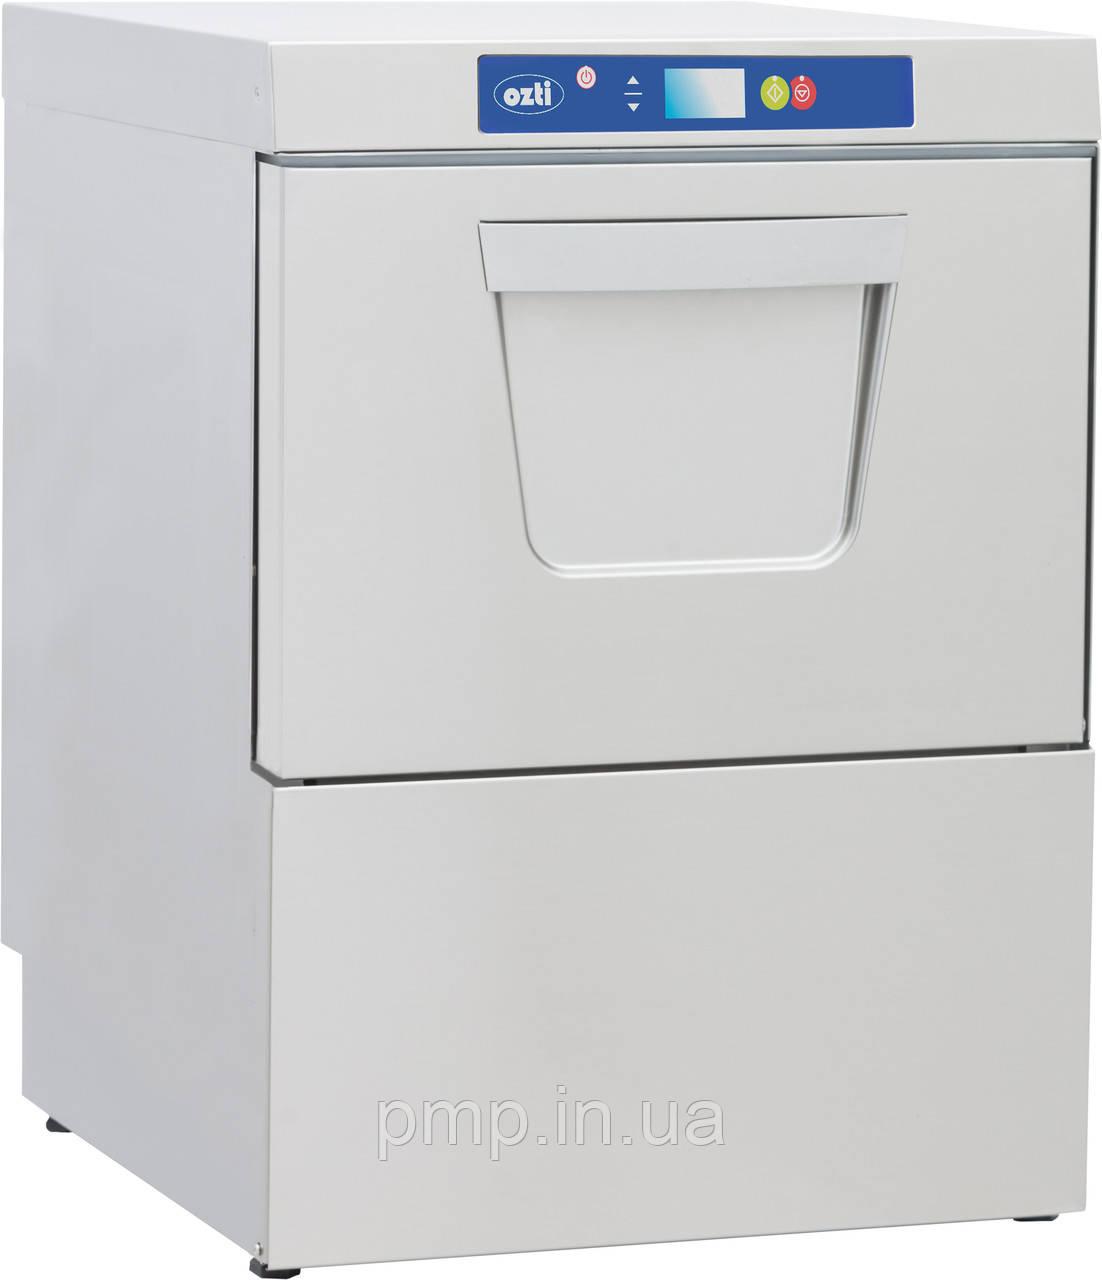 Посудомоечная машина OBY 50D PDRT, электронная панель управления